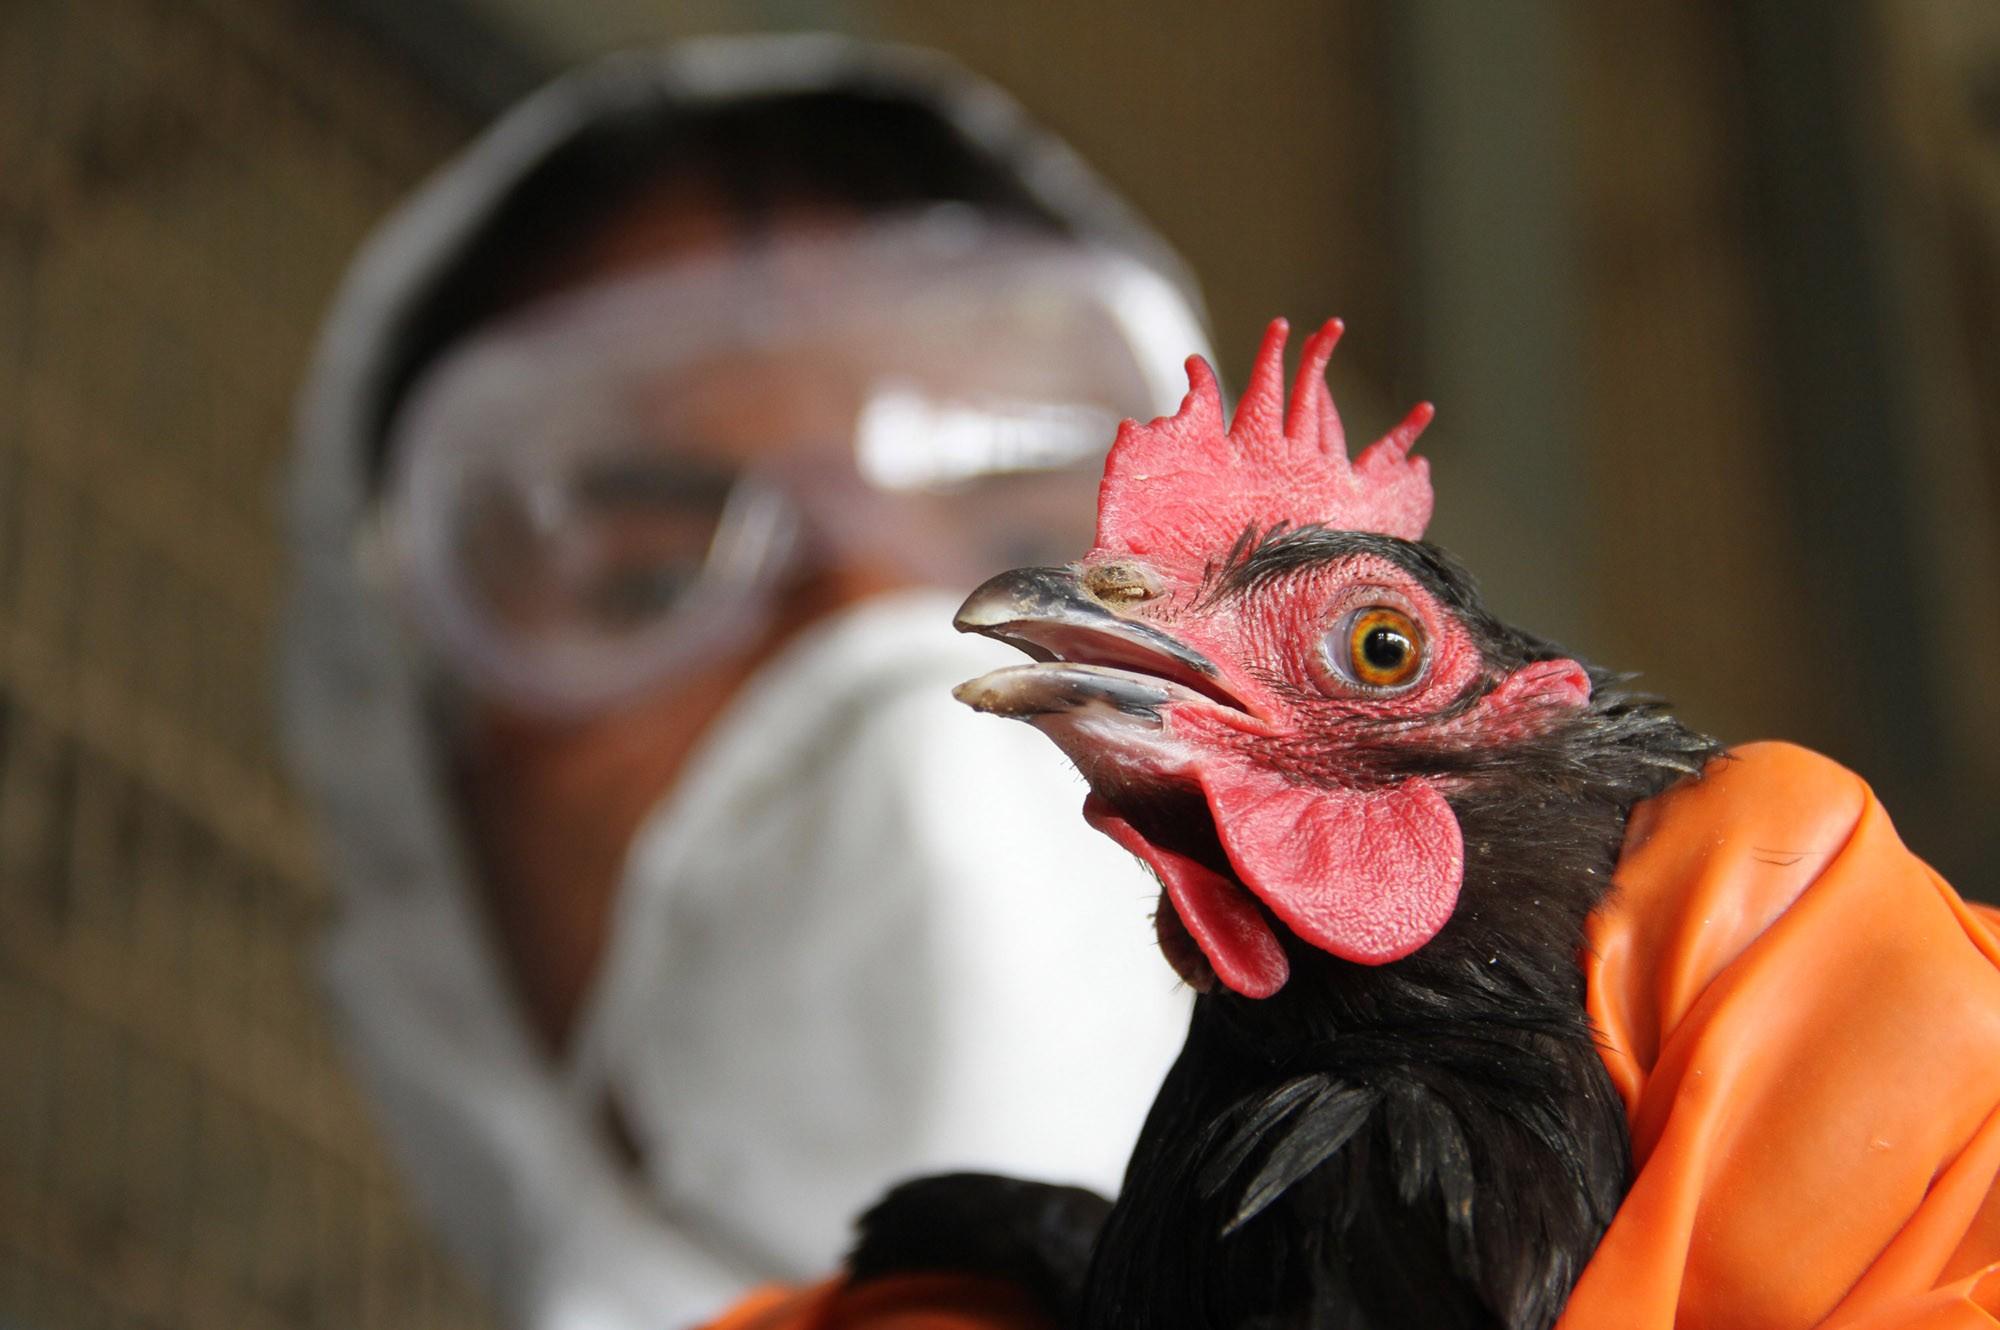 Вевропейских странах зафиксирована вспышка птичьего гриппа